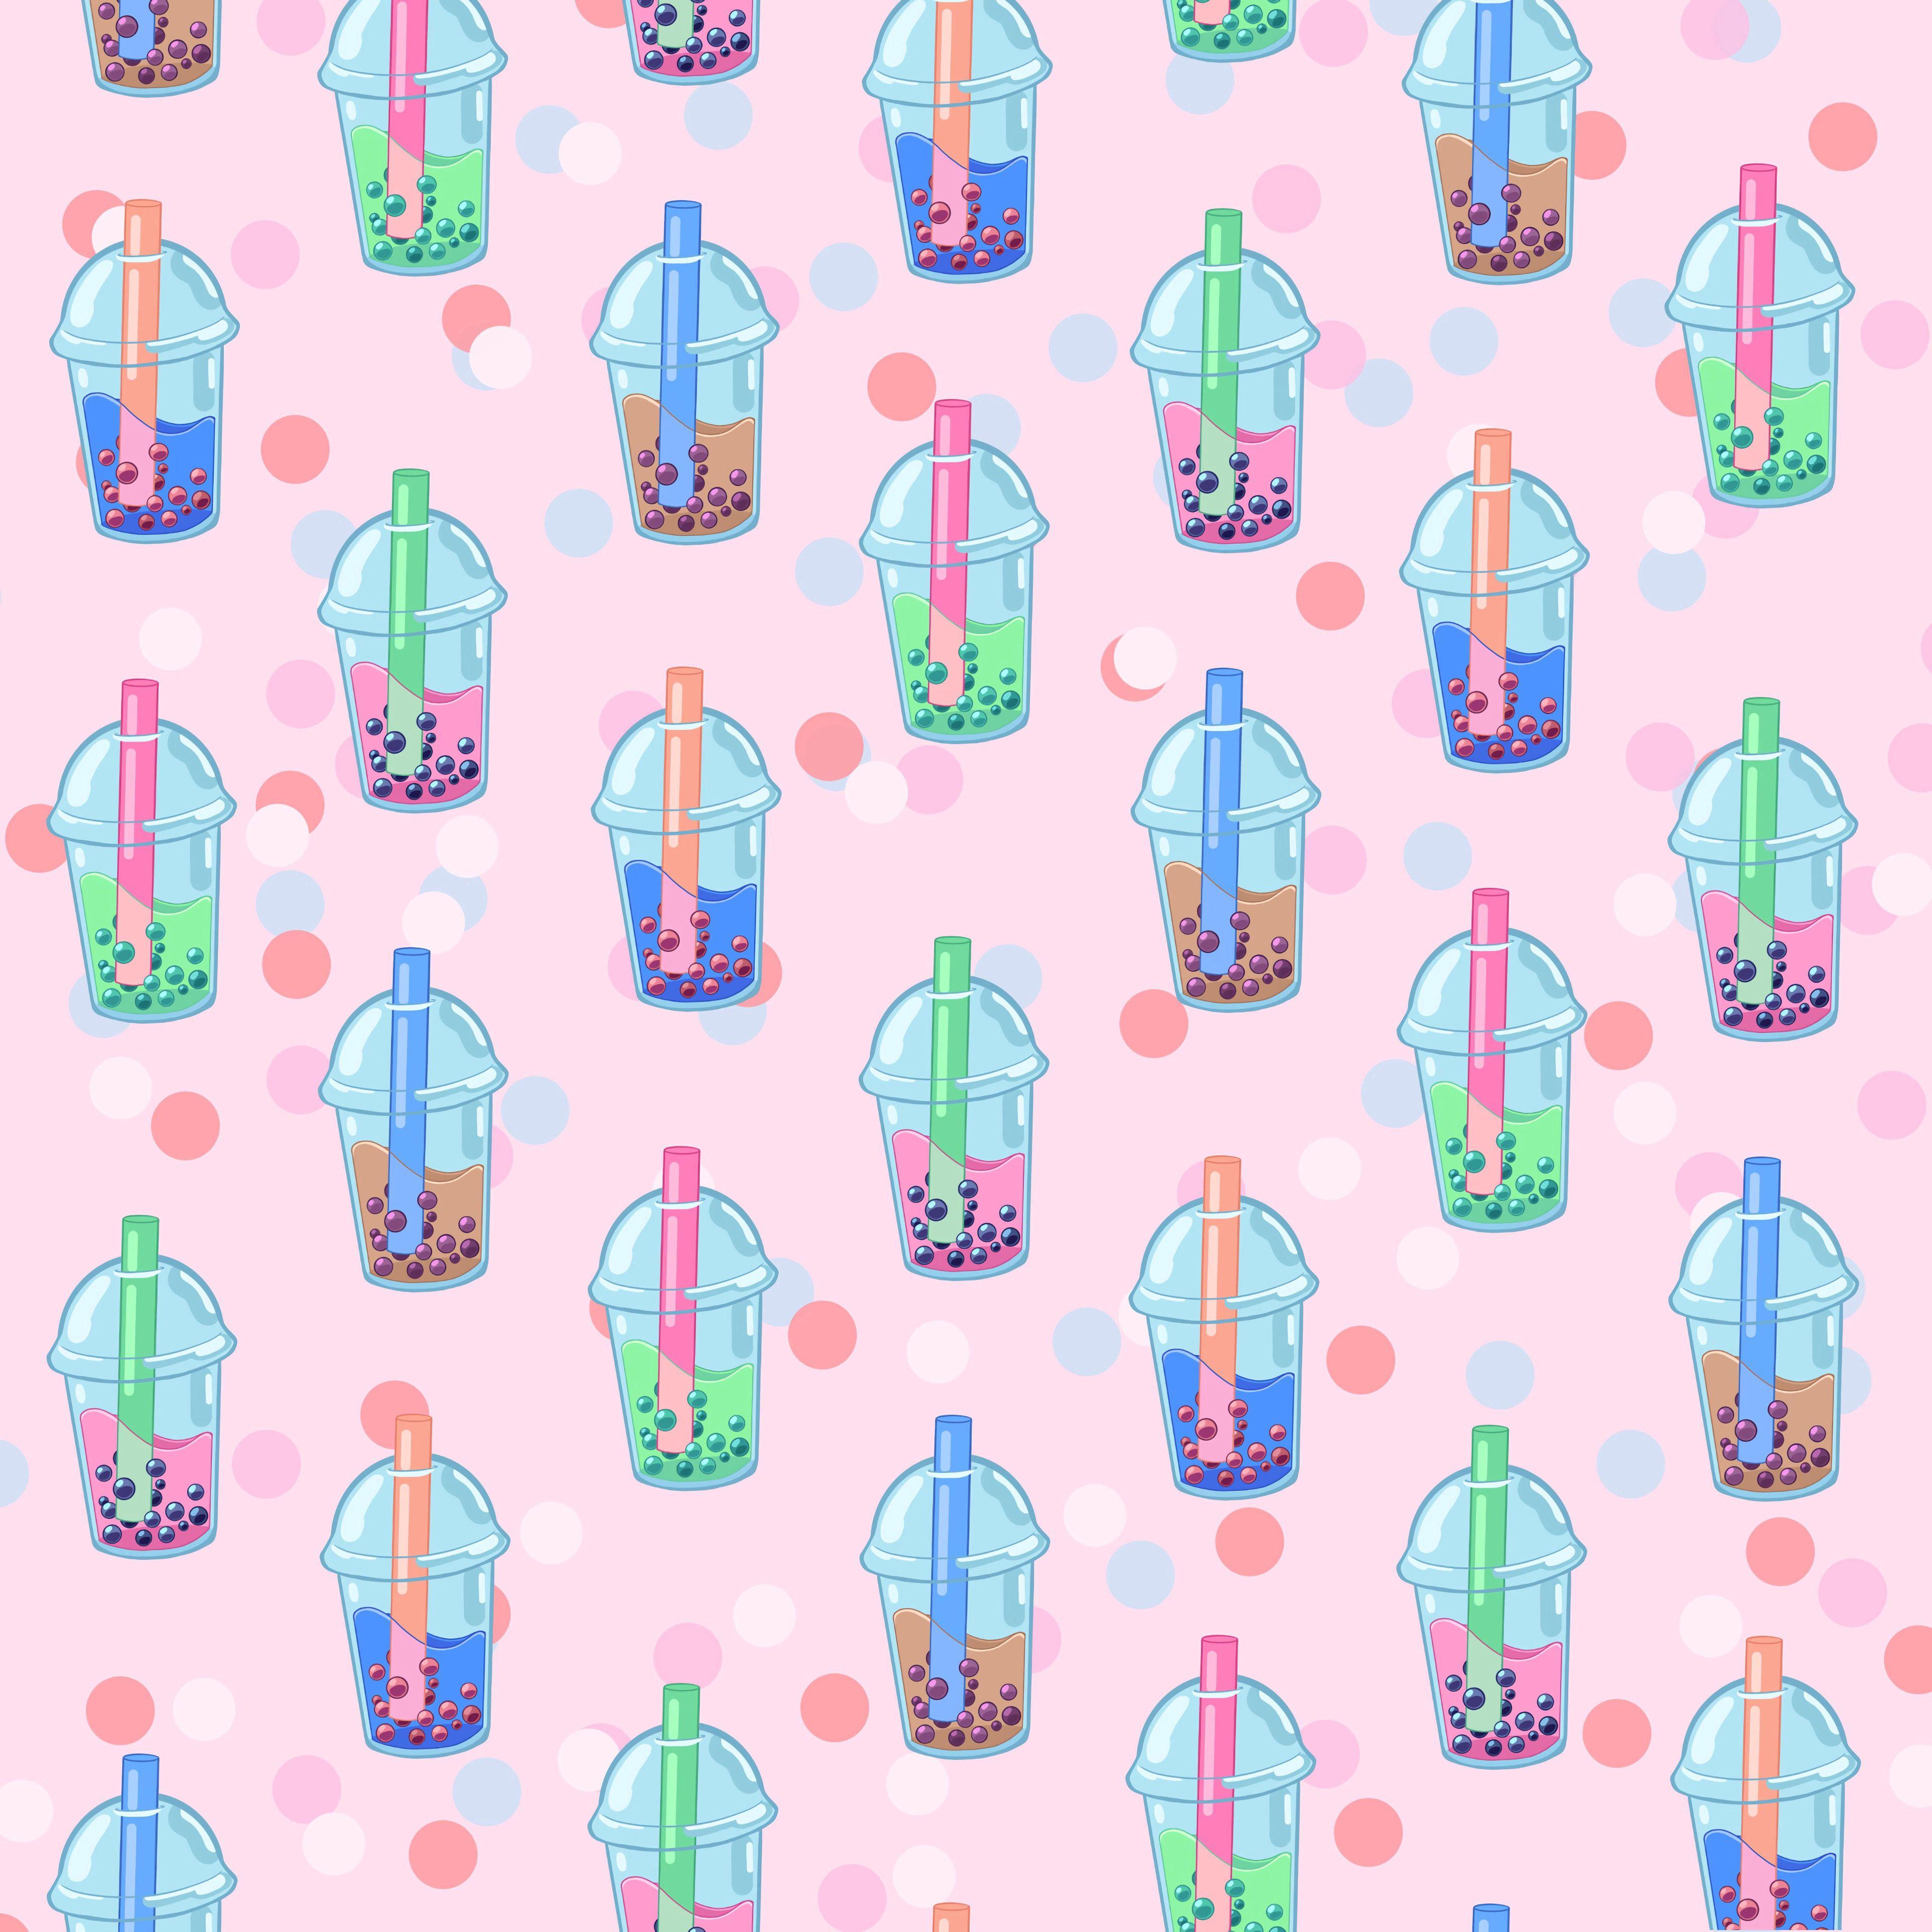 68311 Заставки и Обои Напитки на телефон. Скачать Напитки, Узоры, Текстура, Текстуры, Паттерн, Стаканы картинки бесплатно